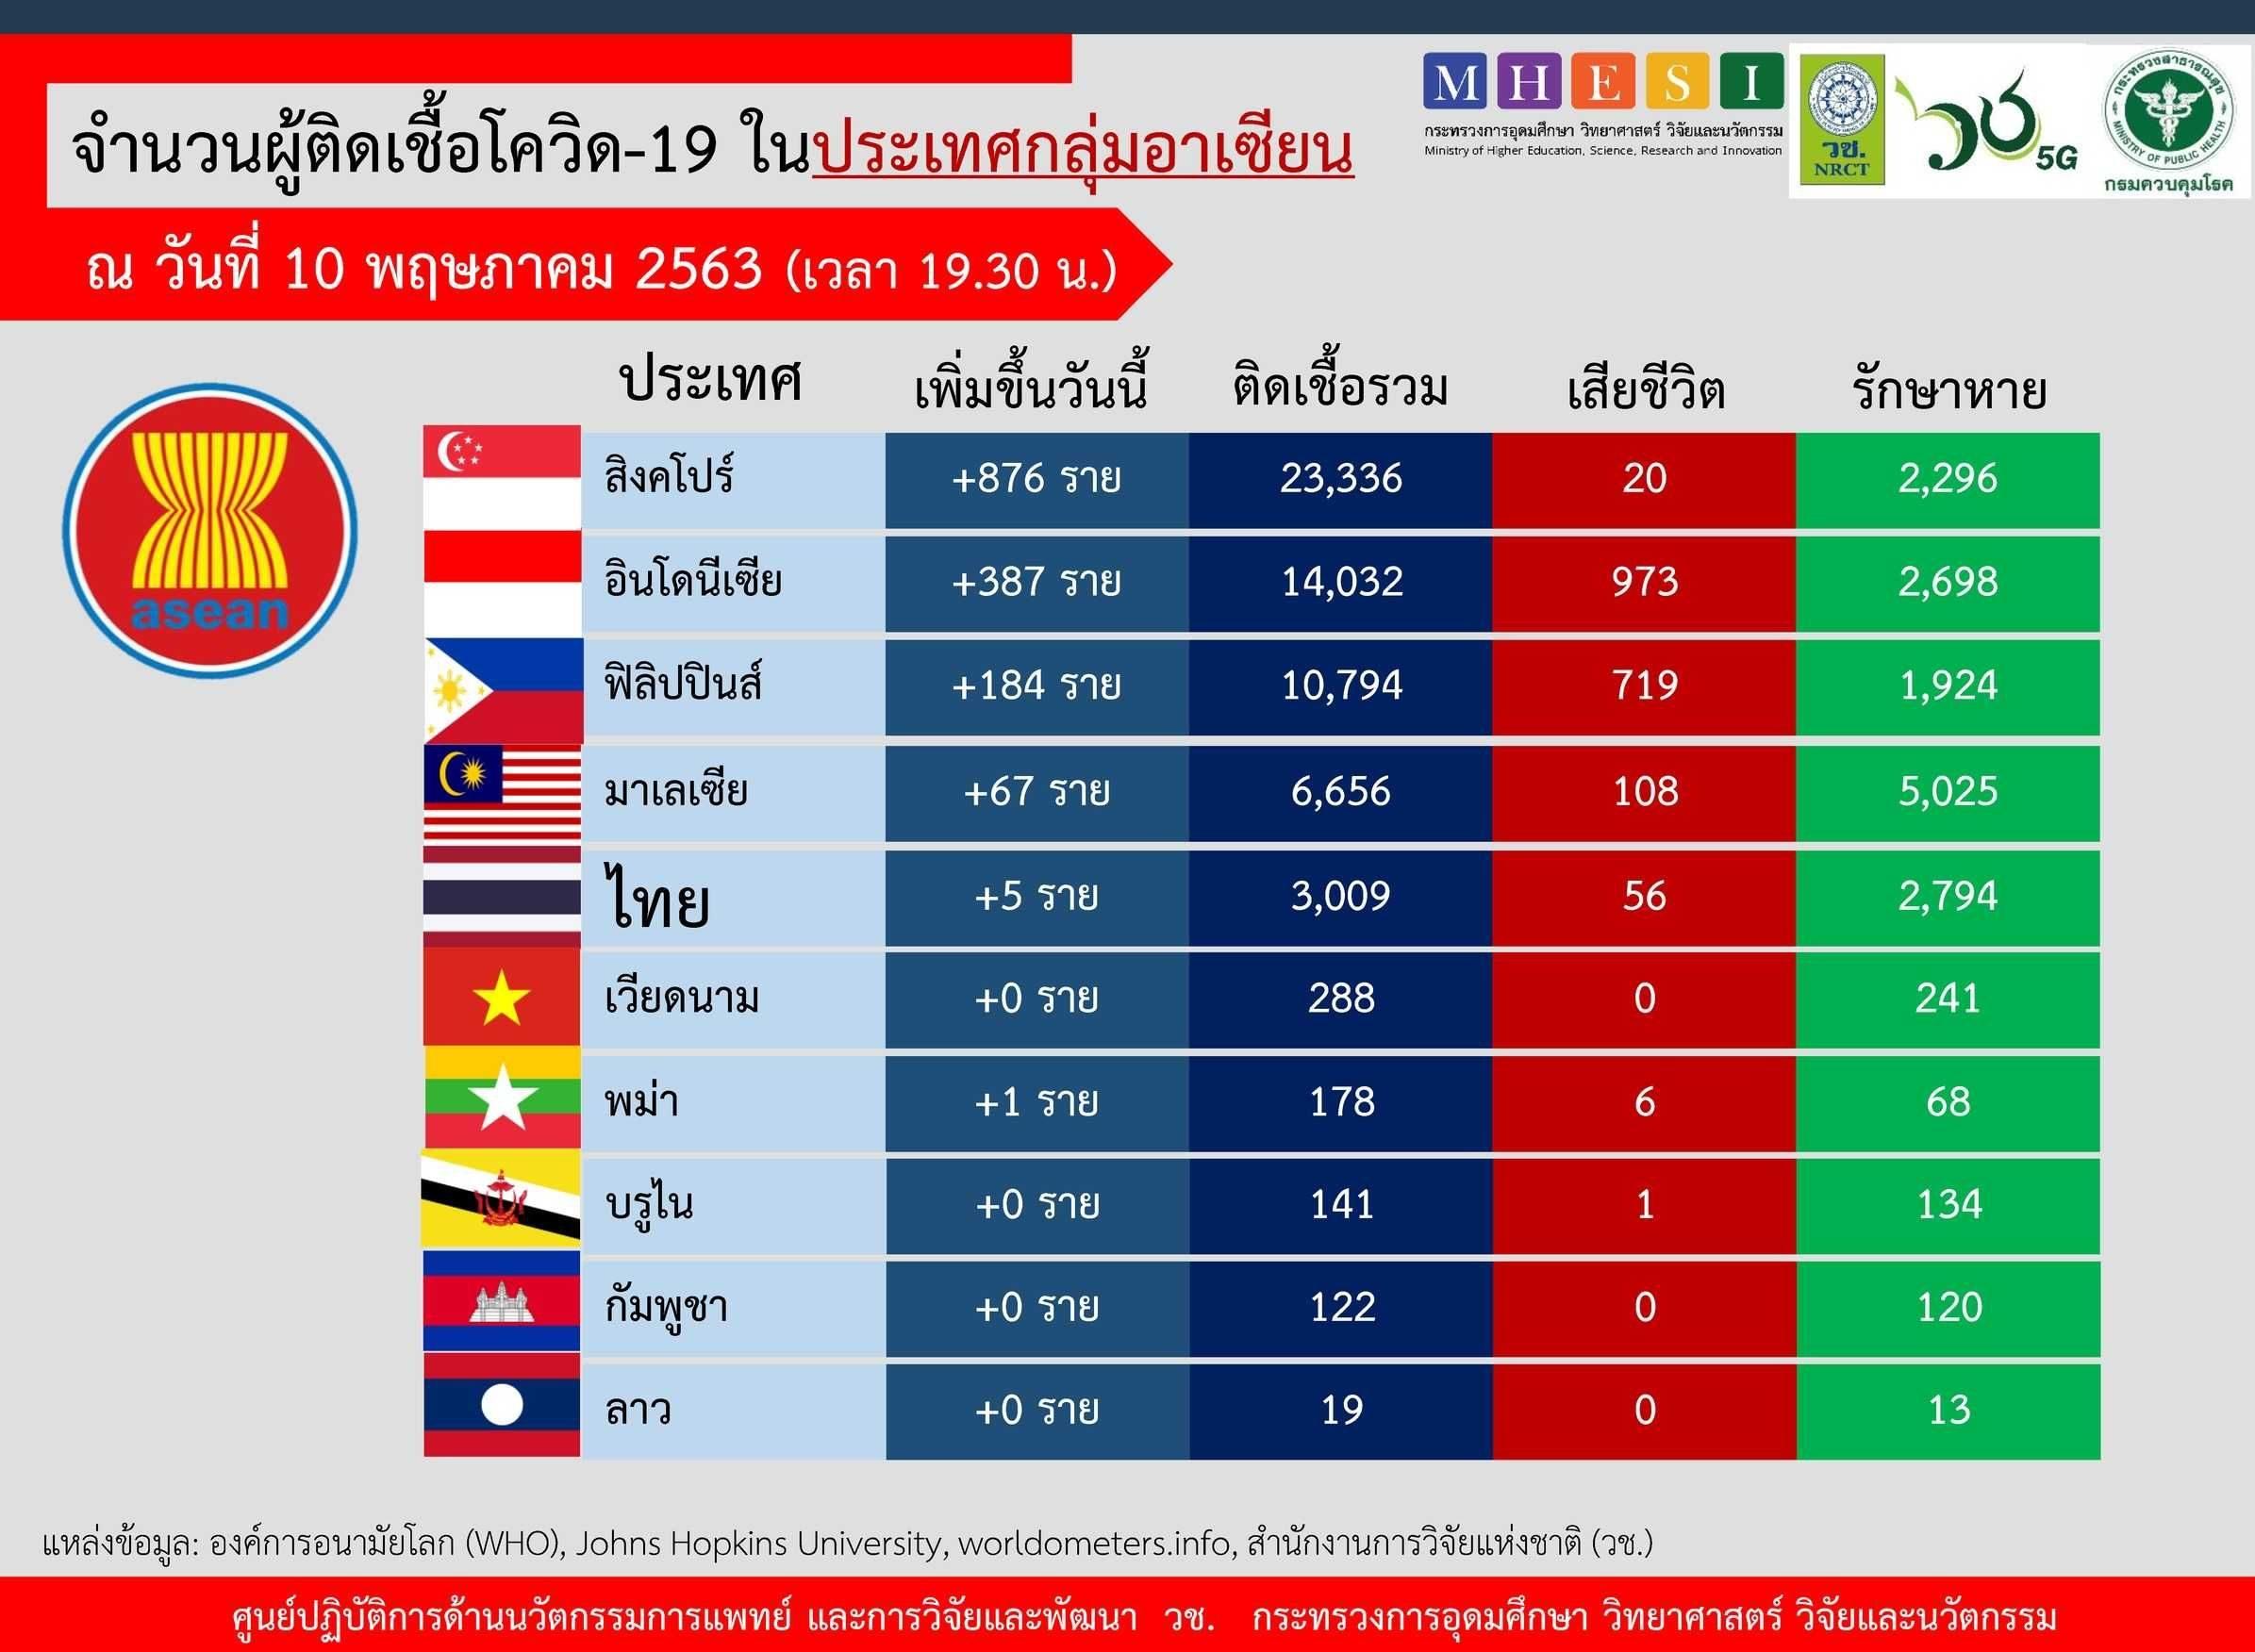 อาเซียนวันนี้ 'สิงคโปร์' ครองแชมป์ยอดติดเชื้อสะสมพุ่ง 23,336 ส่วนไทยอยู่อันดับ 5